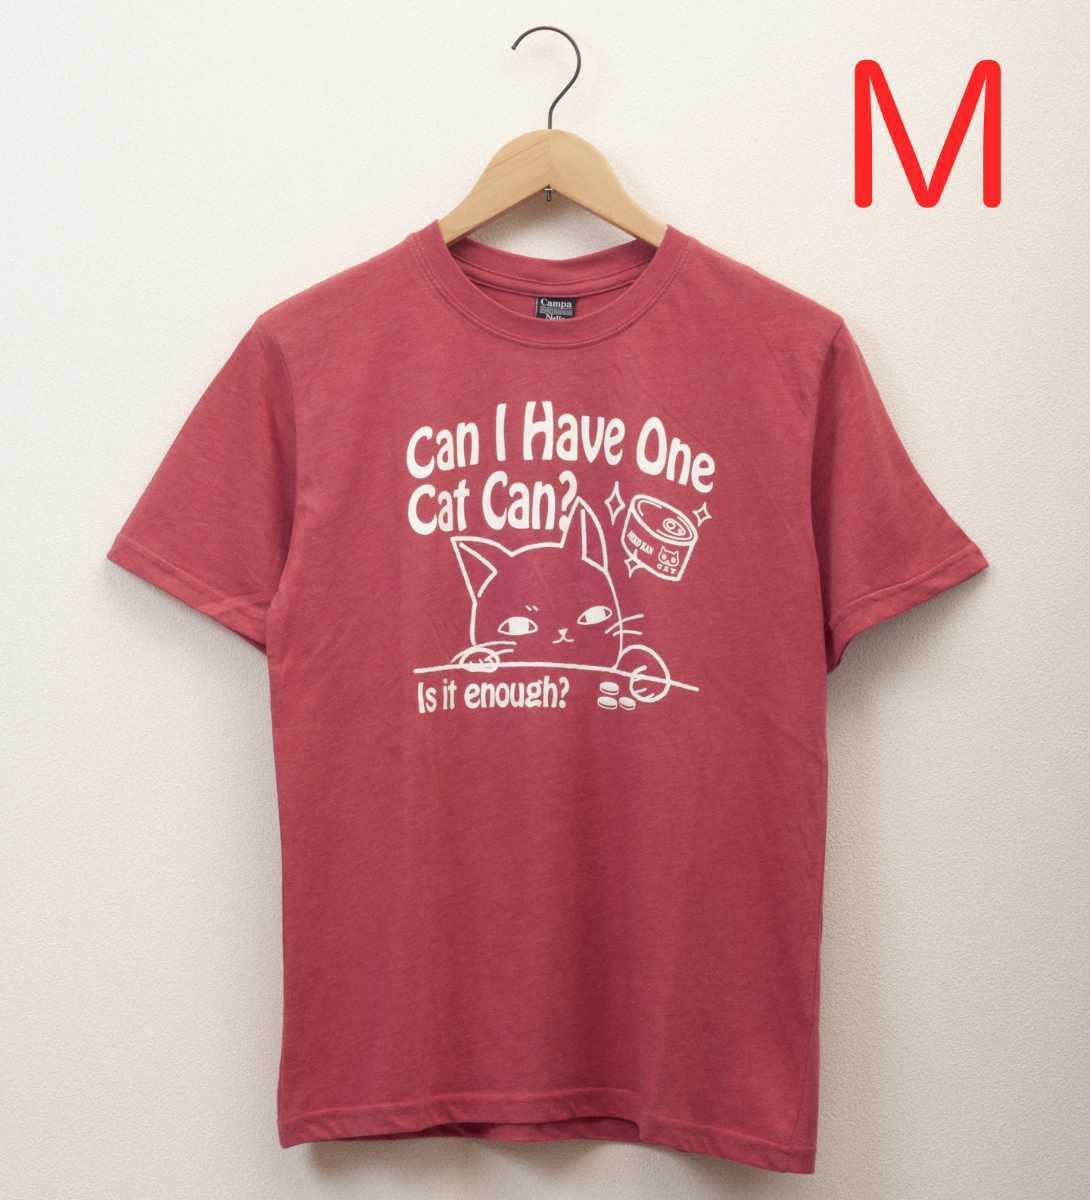 【新品未使用】M 猫缶デザイン 半袖Tシャツ レッド プリントTシャツ ネコ 猫 キャラT メンズ トップス 男女兼用 カワイイ cat にゃんこ